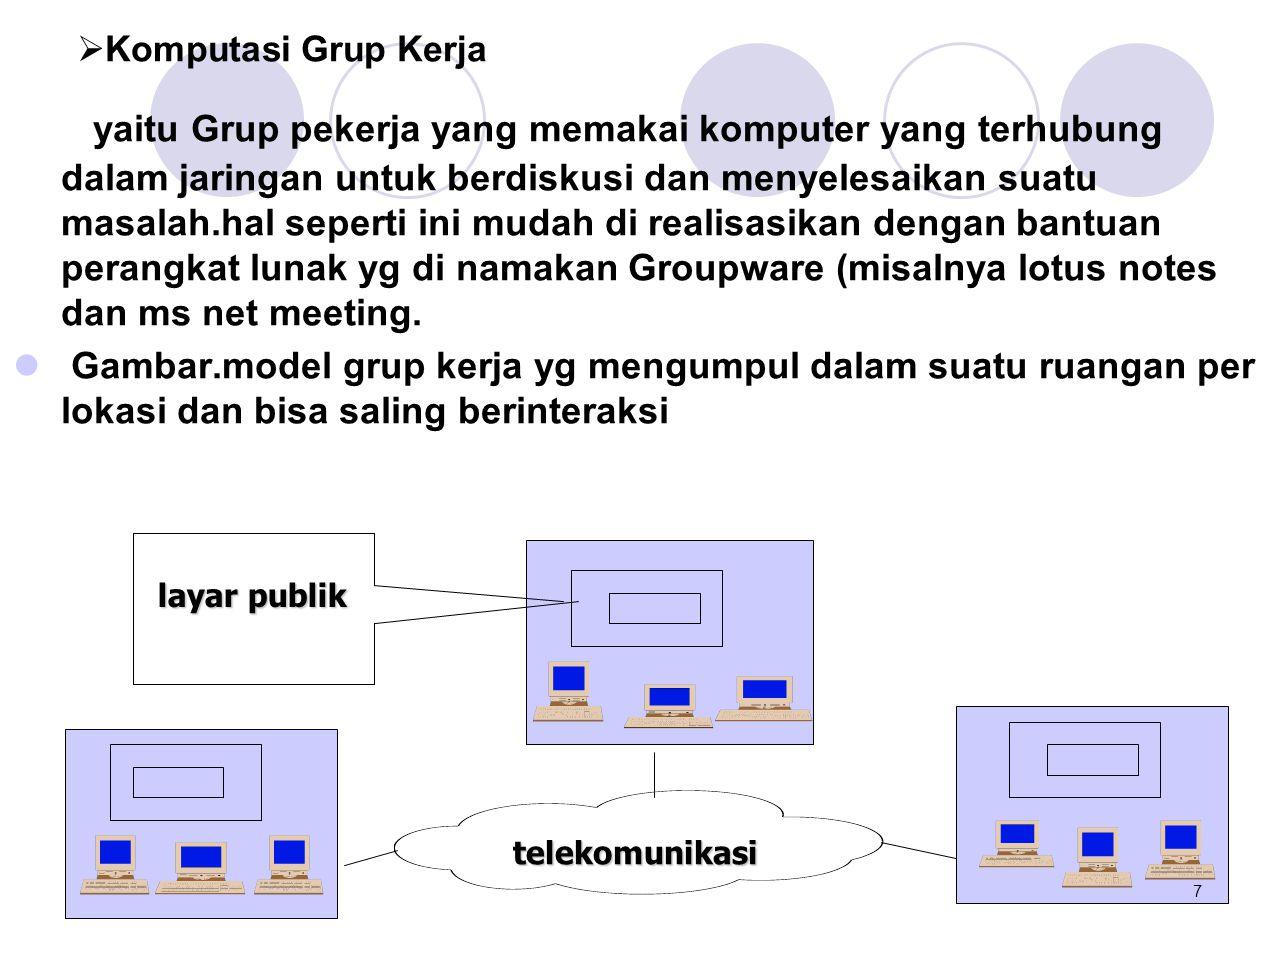 • Gambar. transmisi serial 0 1 1 0 0 0 1 0 pengirim penerima 18